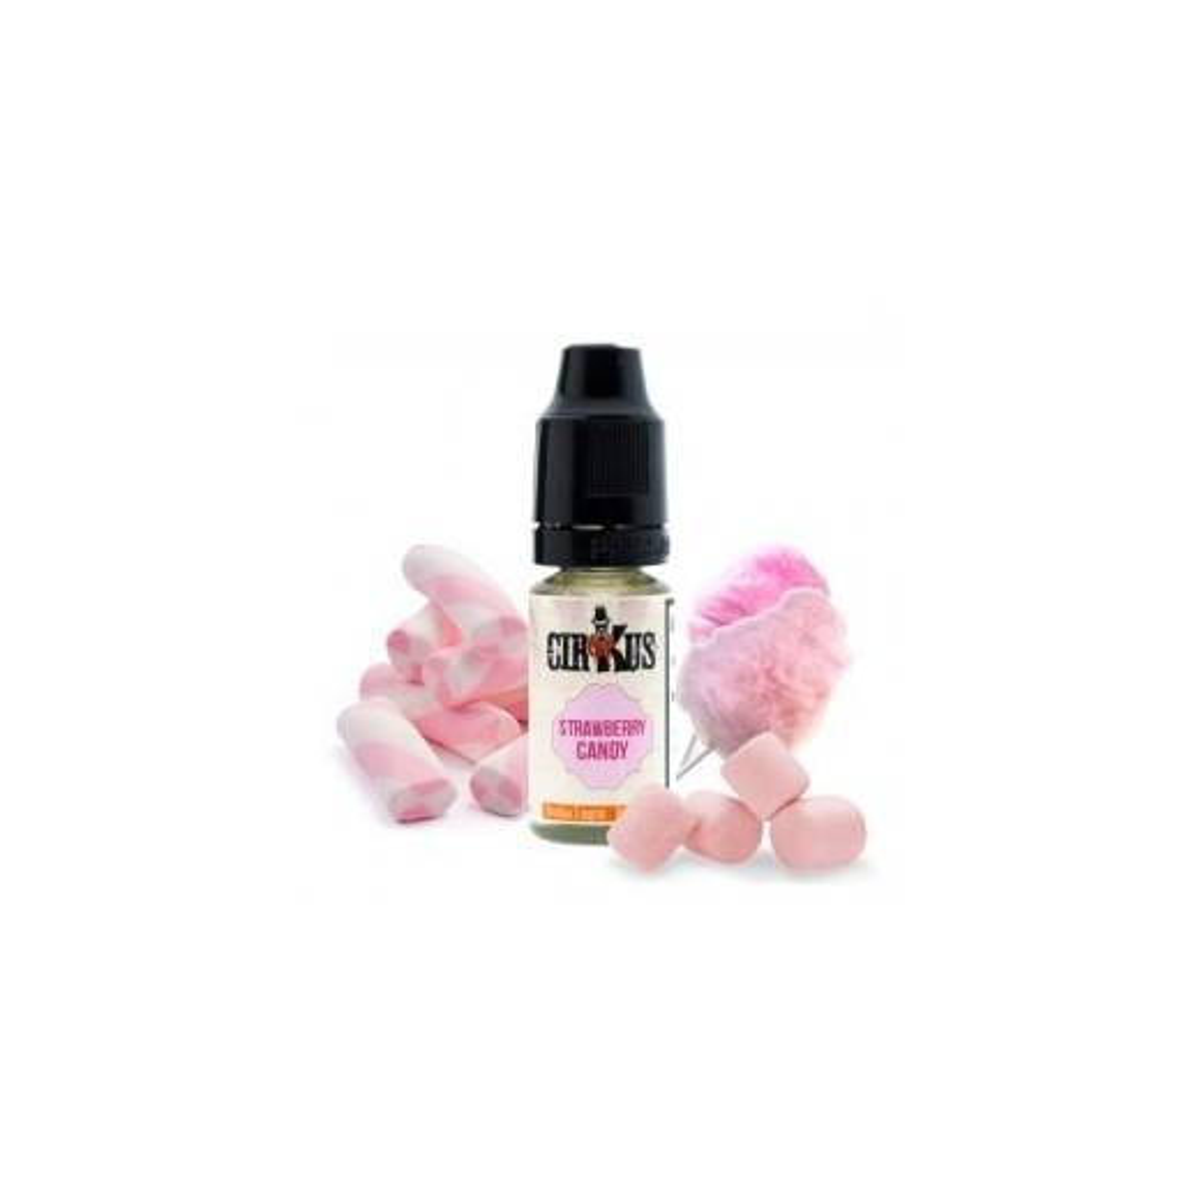 Strawberry Candy 10ml TPD - Cirkus